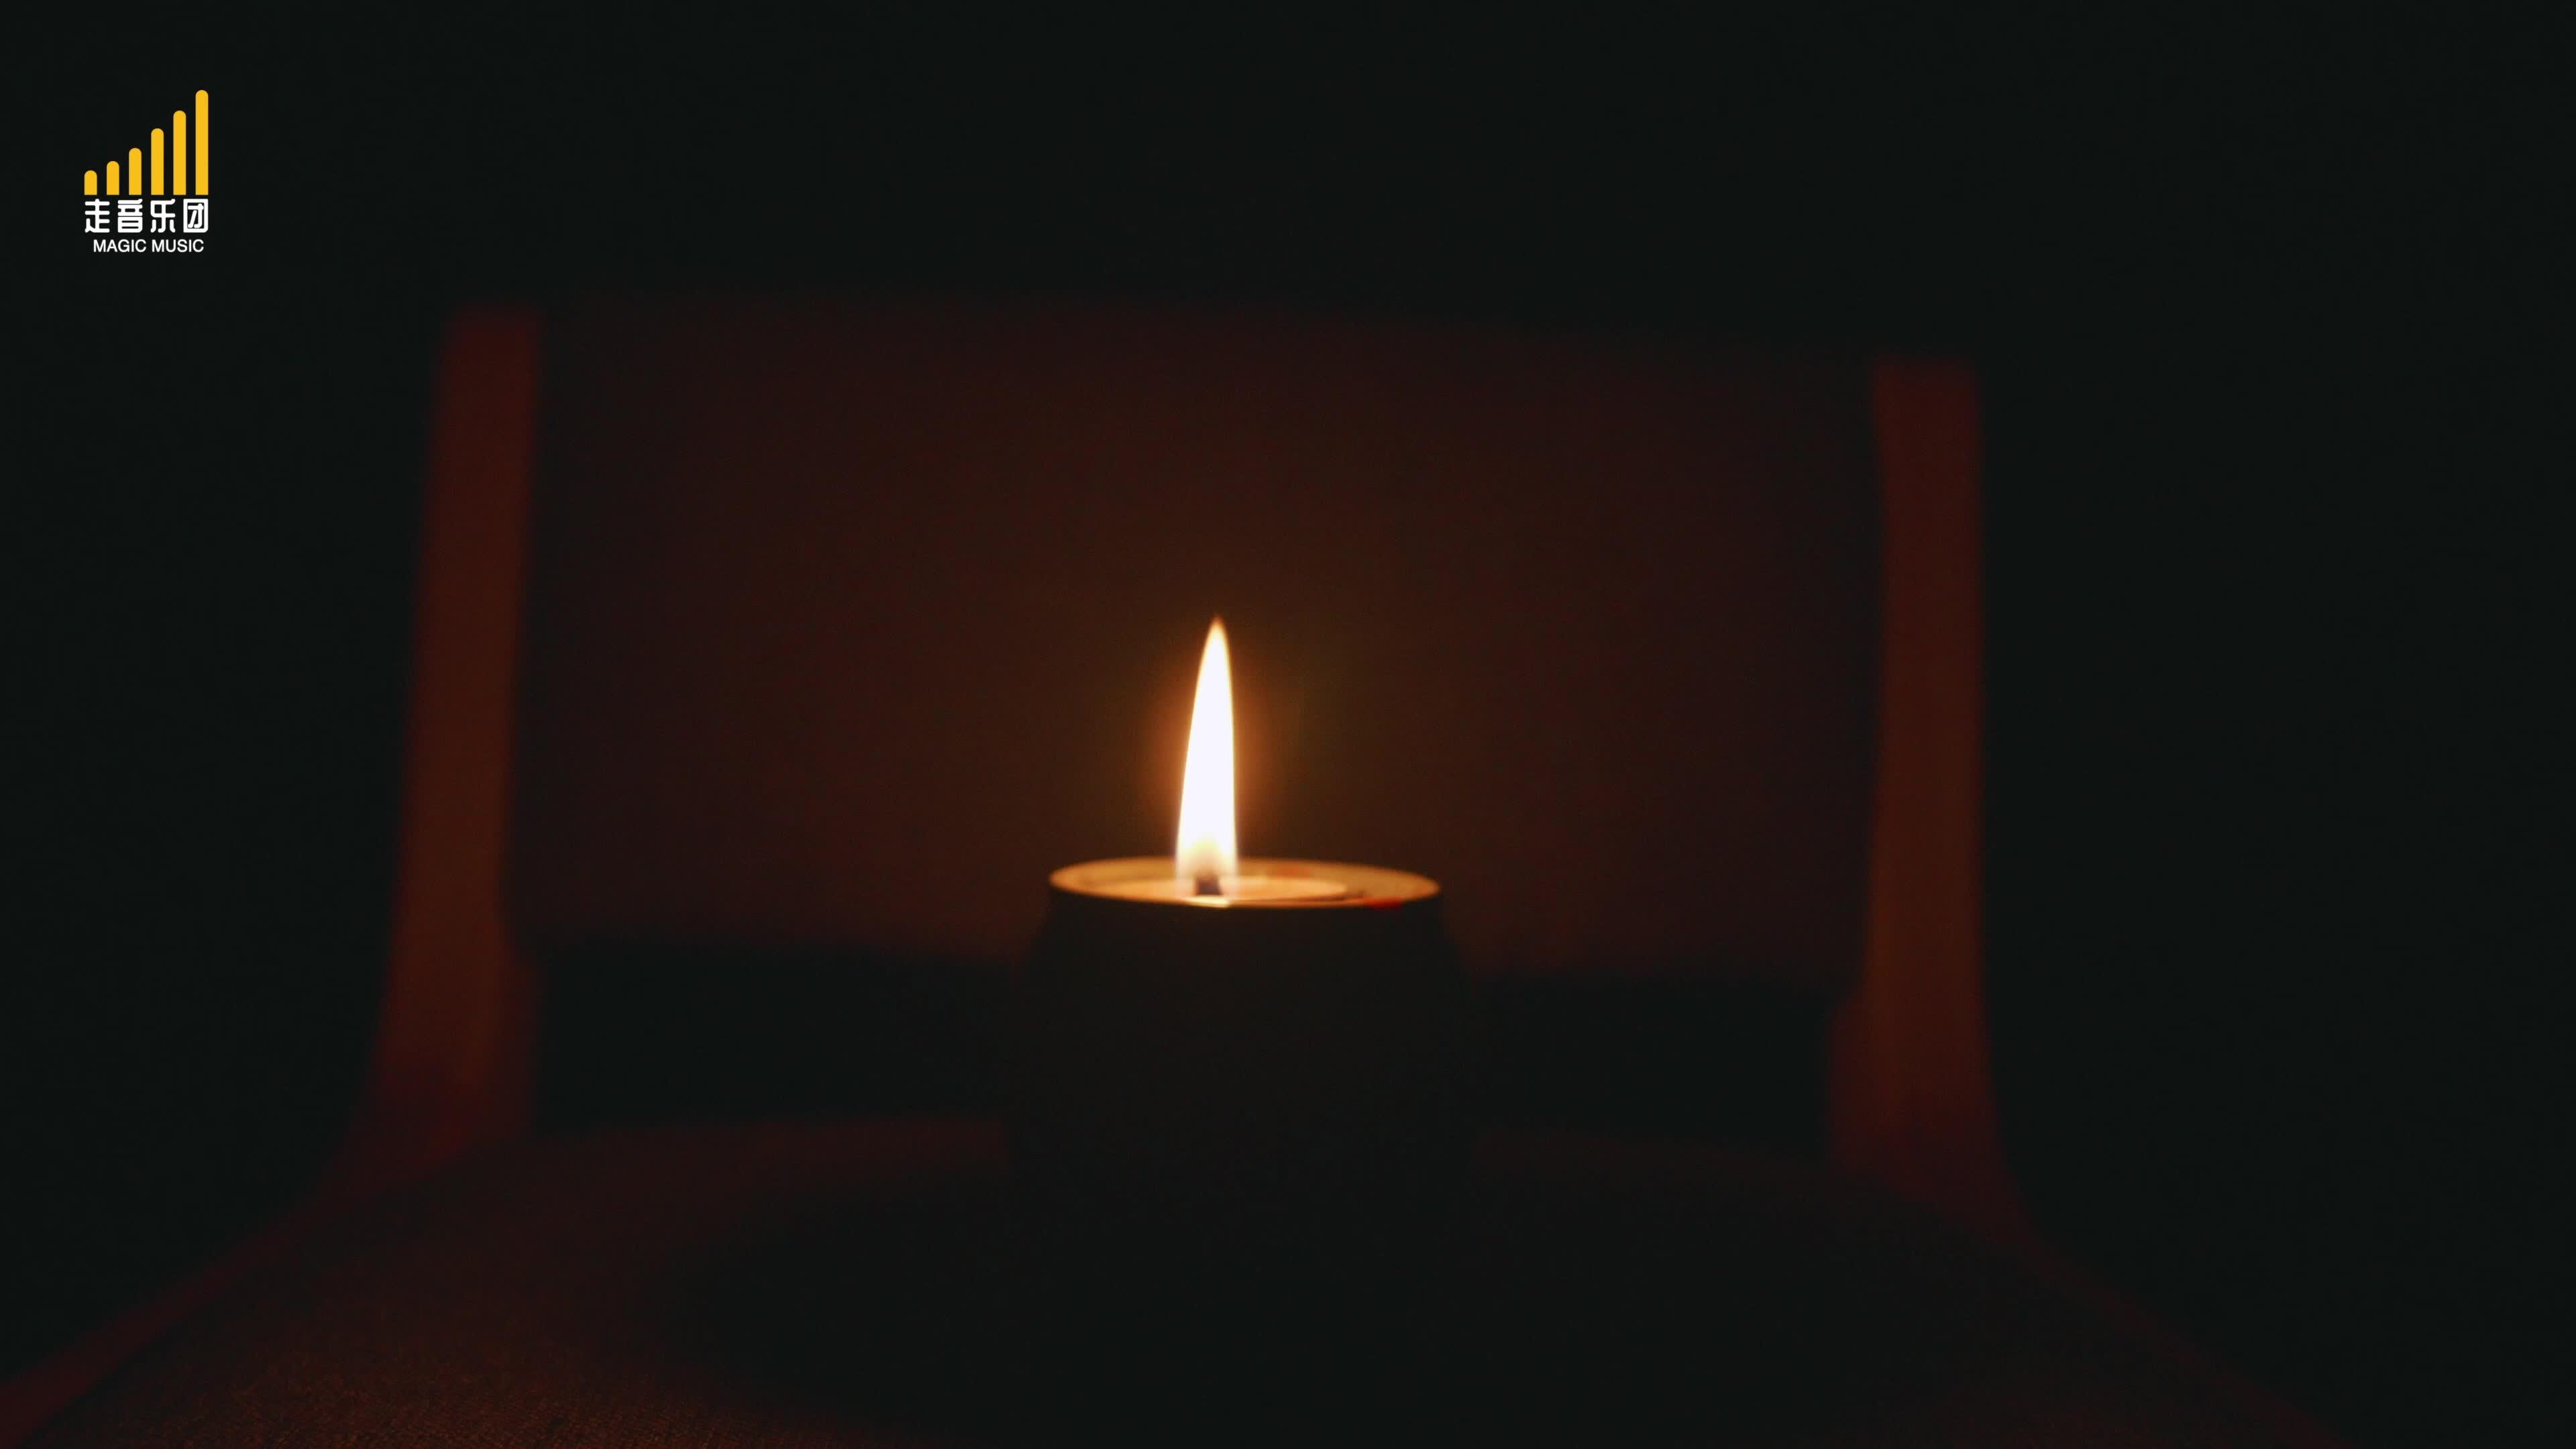 【走音乐团】原创作品《小心火烛》